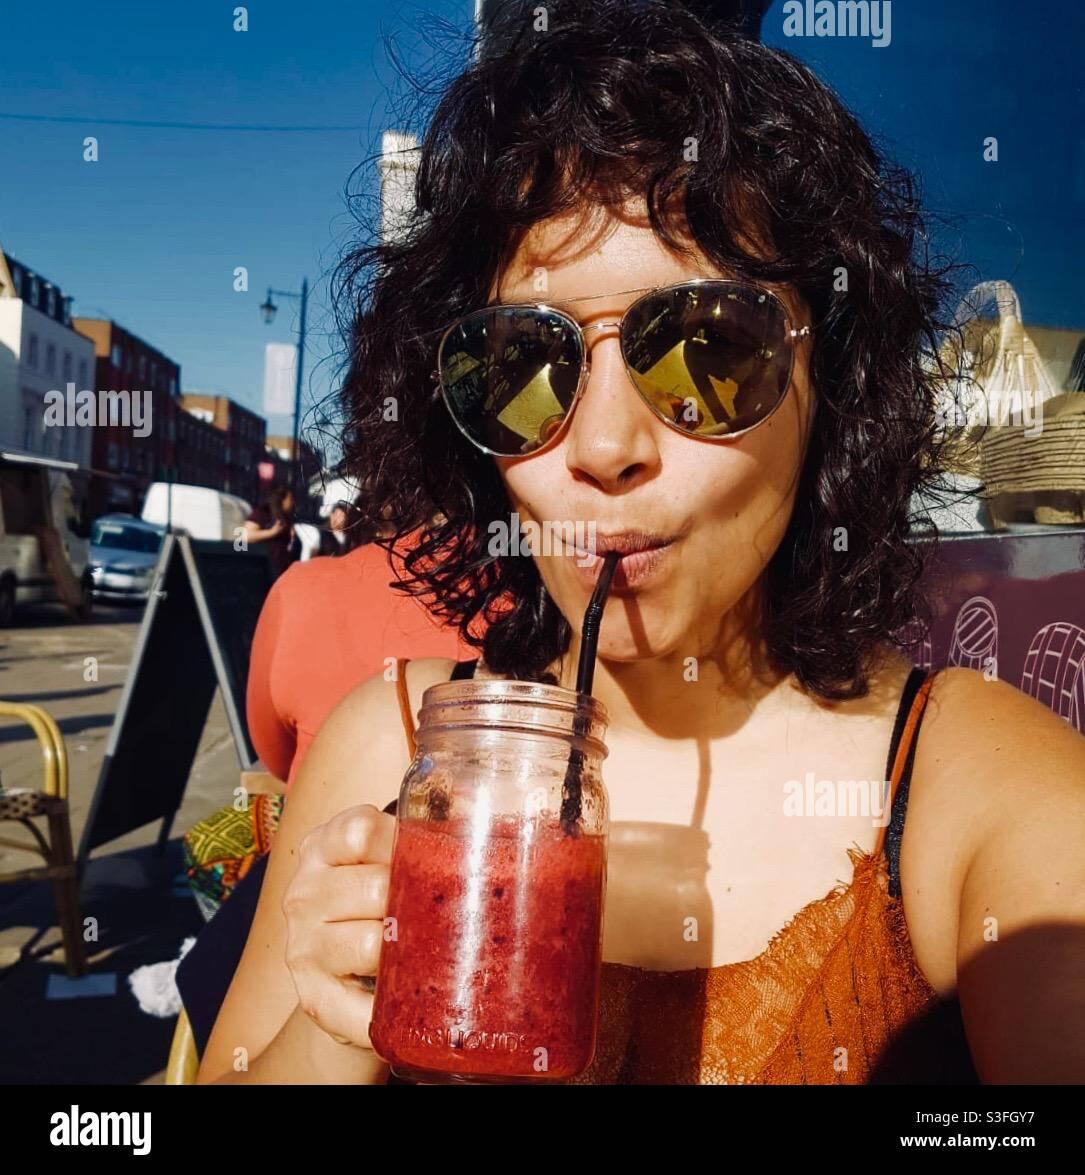 Lockig haarige Mädchen große Sonnenbrille trinken roten Cocktail Smoothie in einem Glas in der Sonne. Stockfoto